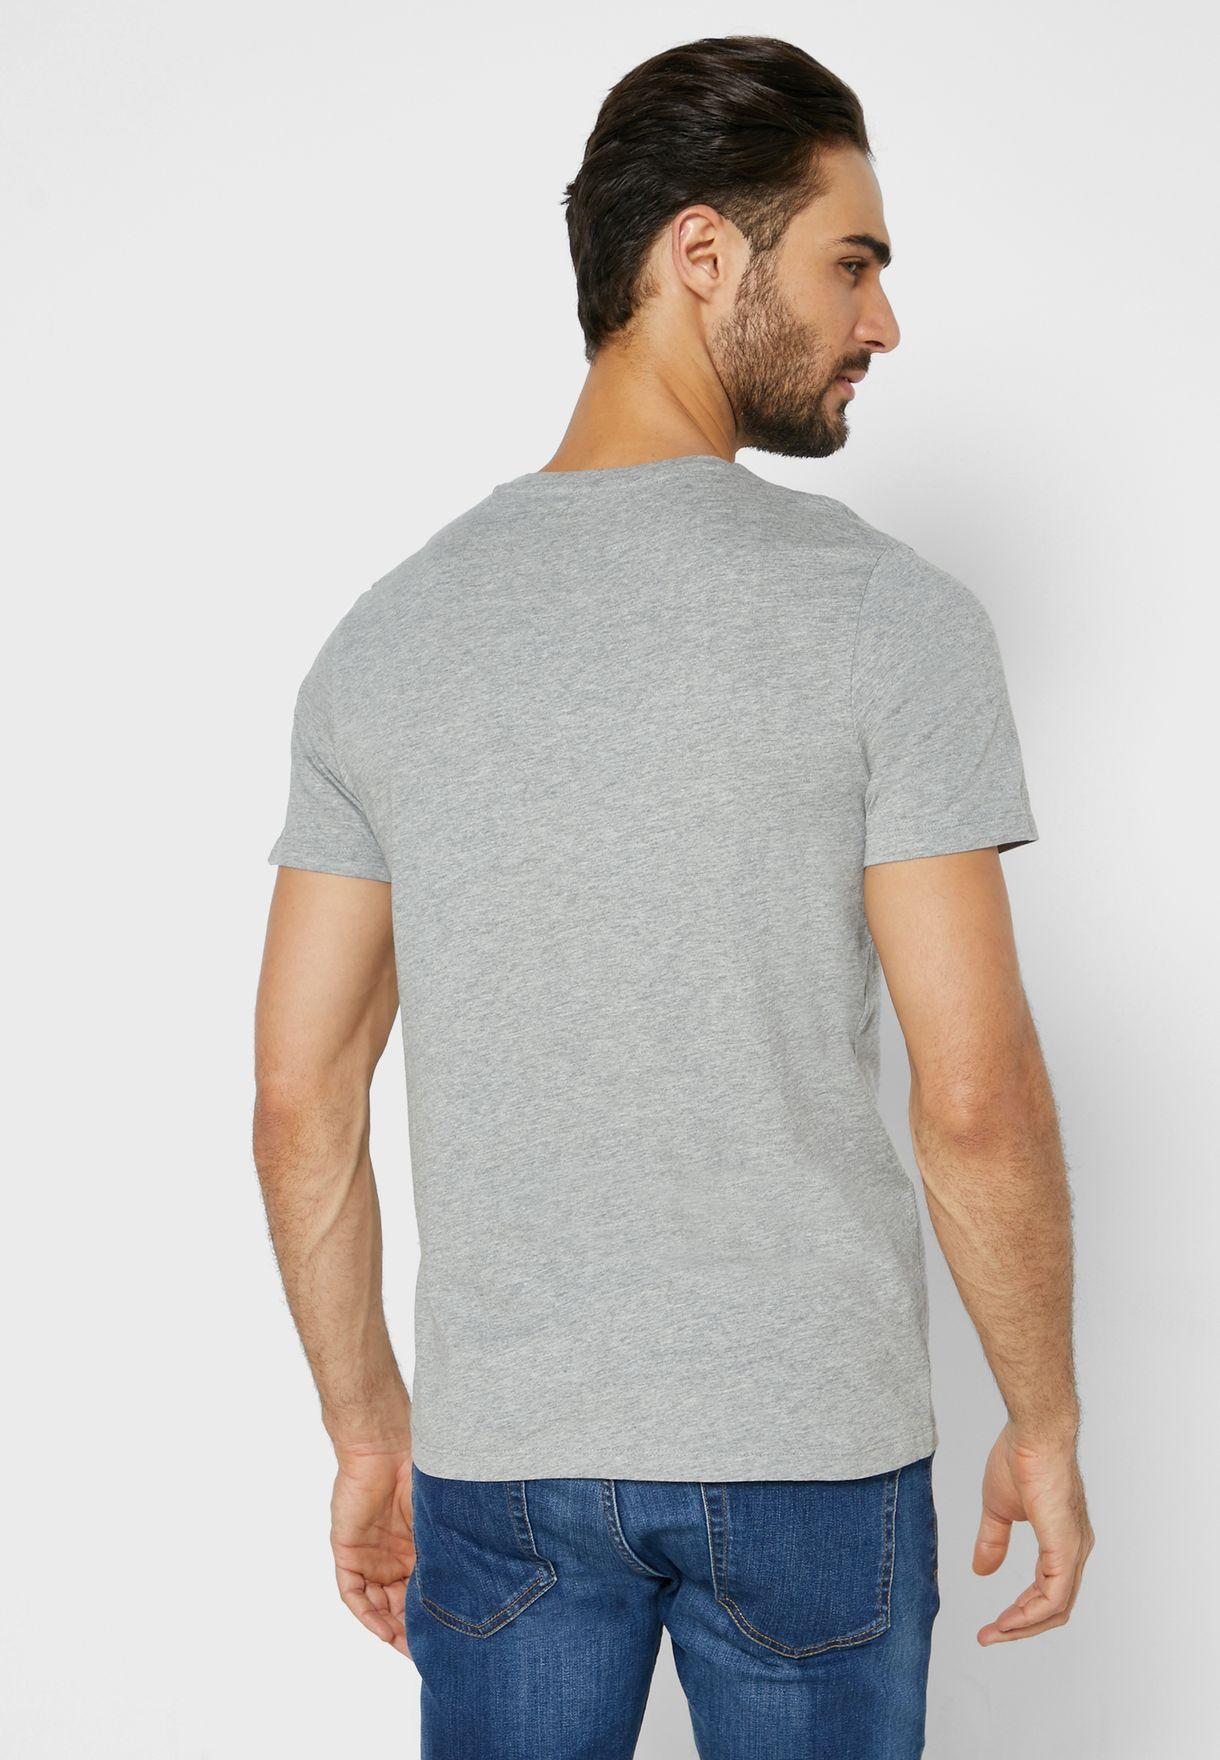 Stein Regular Fit Crew Neck T-Shirt